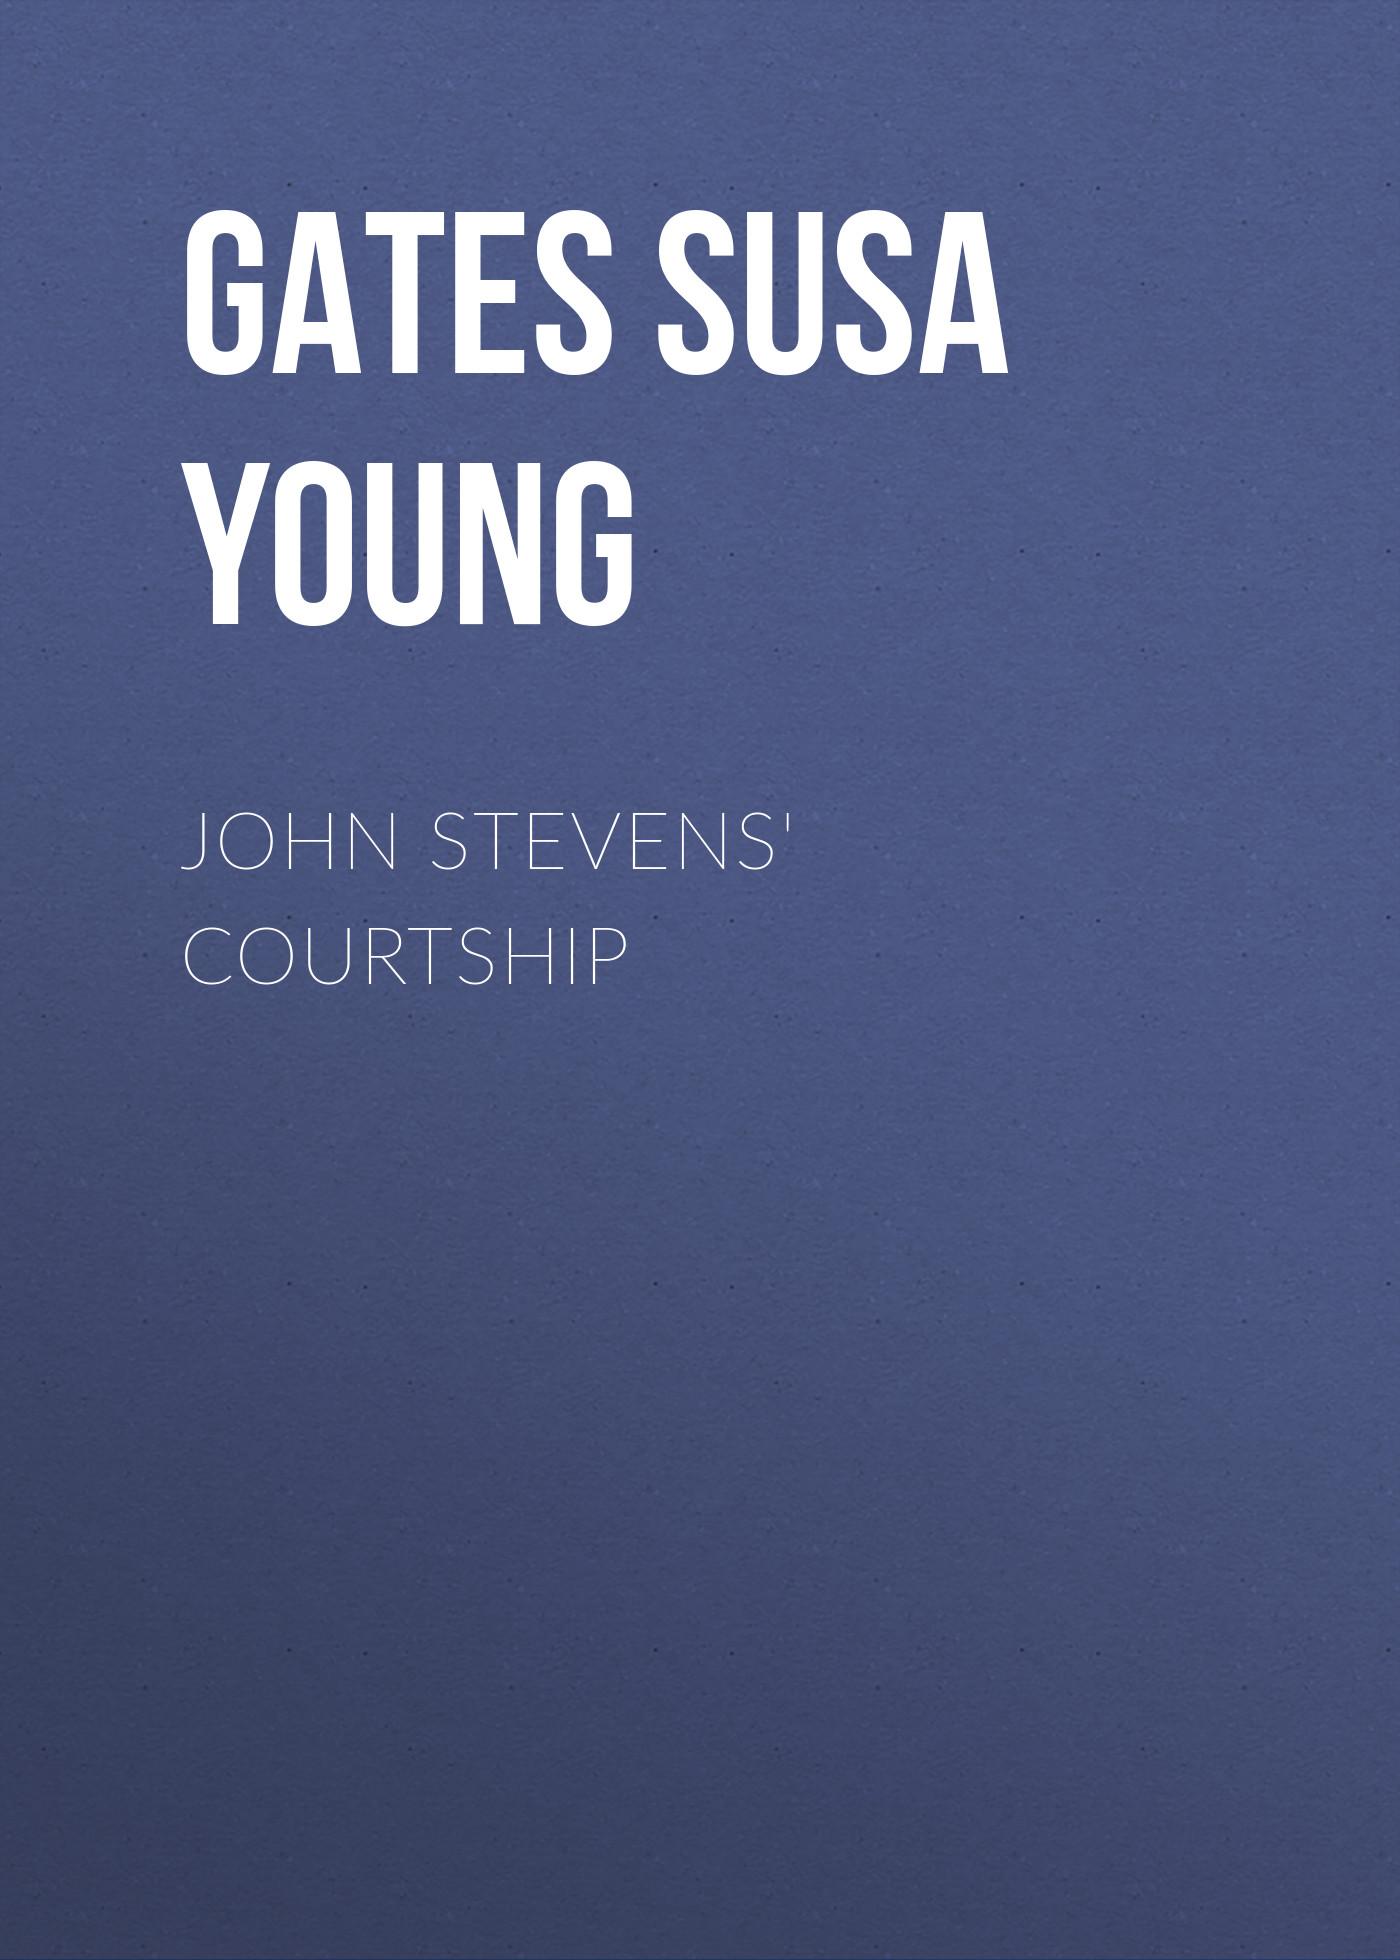 Gates Susa Young John Stevens' Courtship 10pcs free shipping sn74hc165n 74hc165n sn74hc165 dip 16 logic gates quad 2 input and gate new original